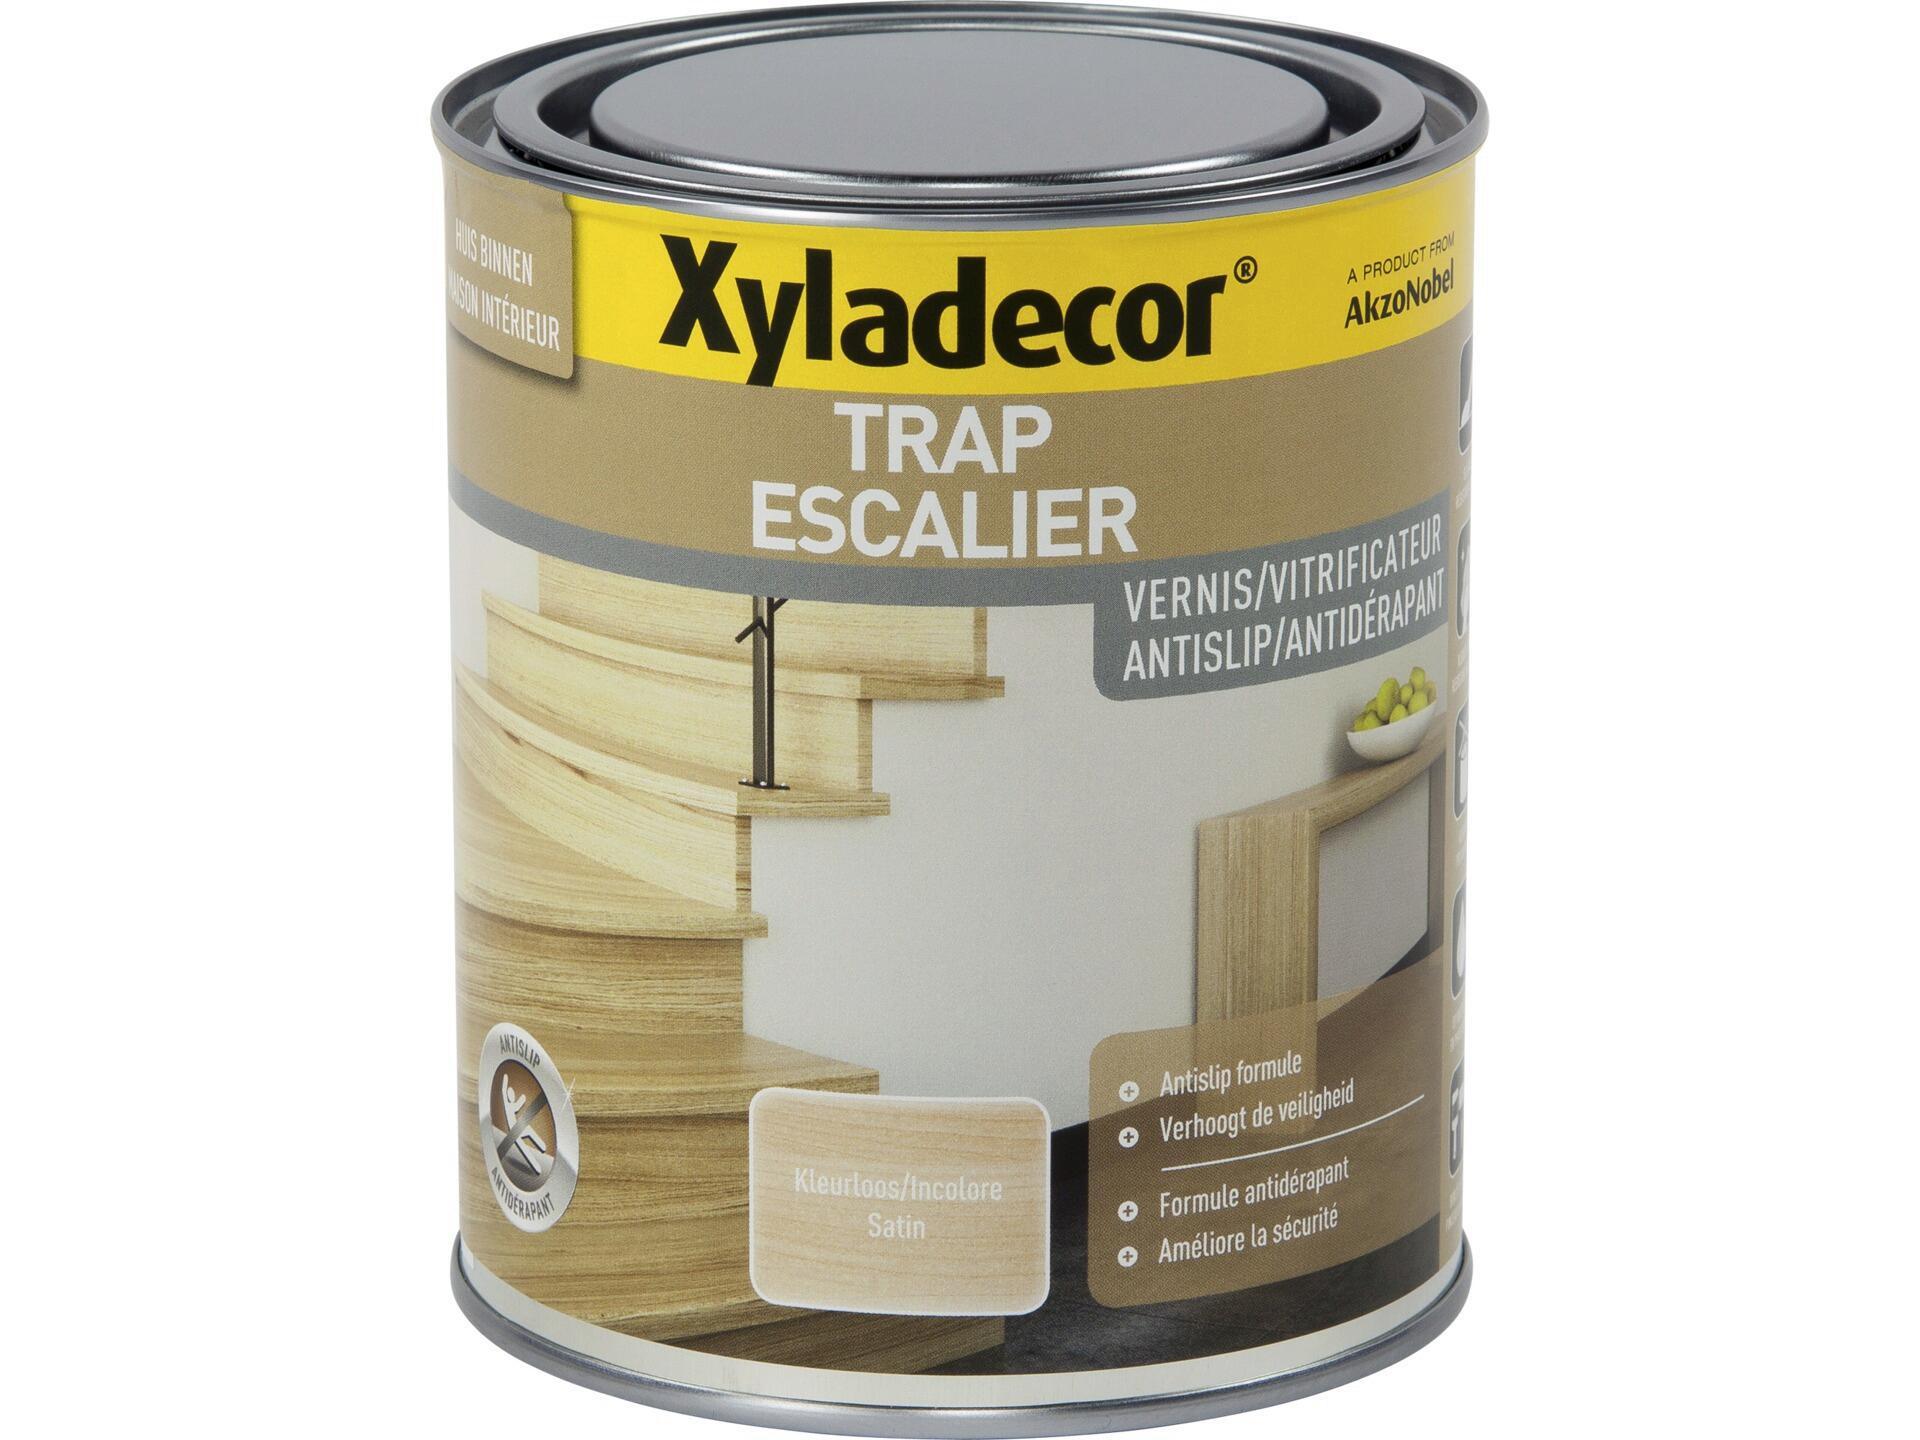 Antidérapant Pour Escalier En Bois xyladecor vitrificateur escalier antidérapant satin 0,75l